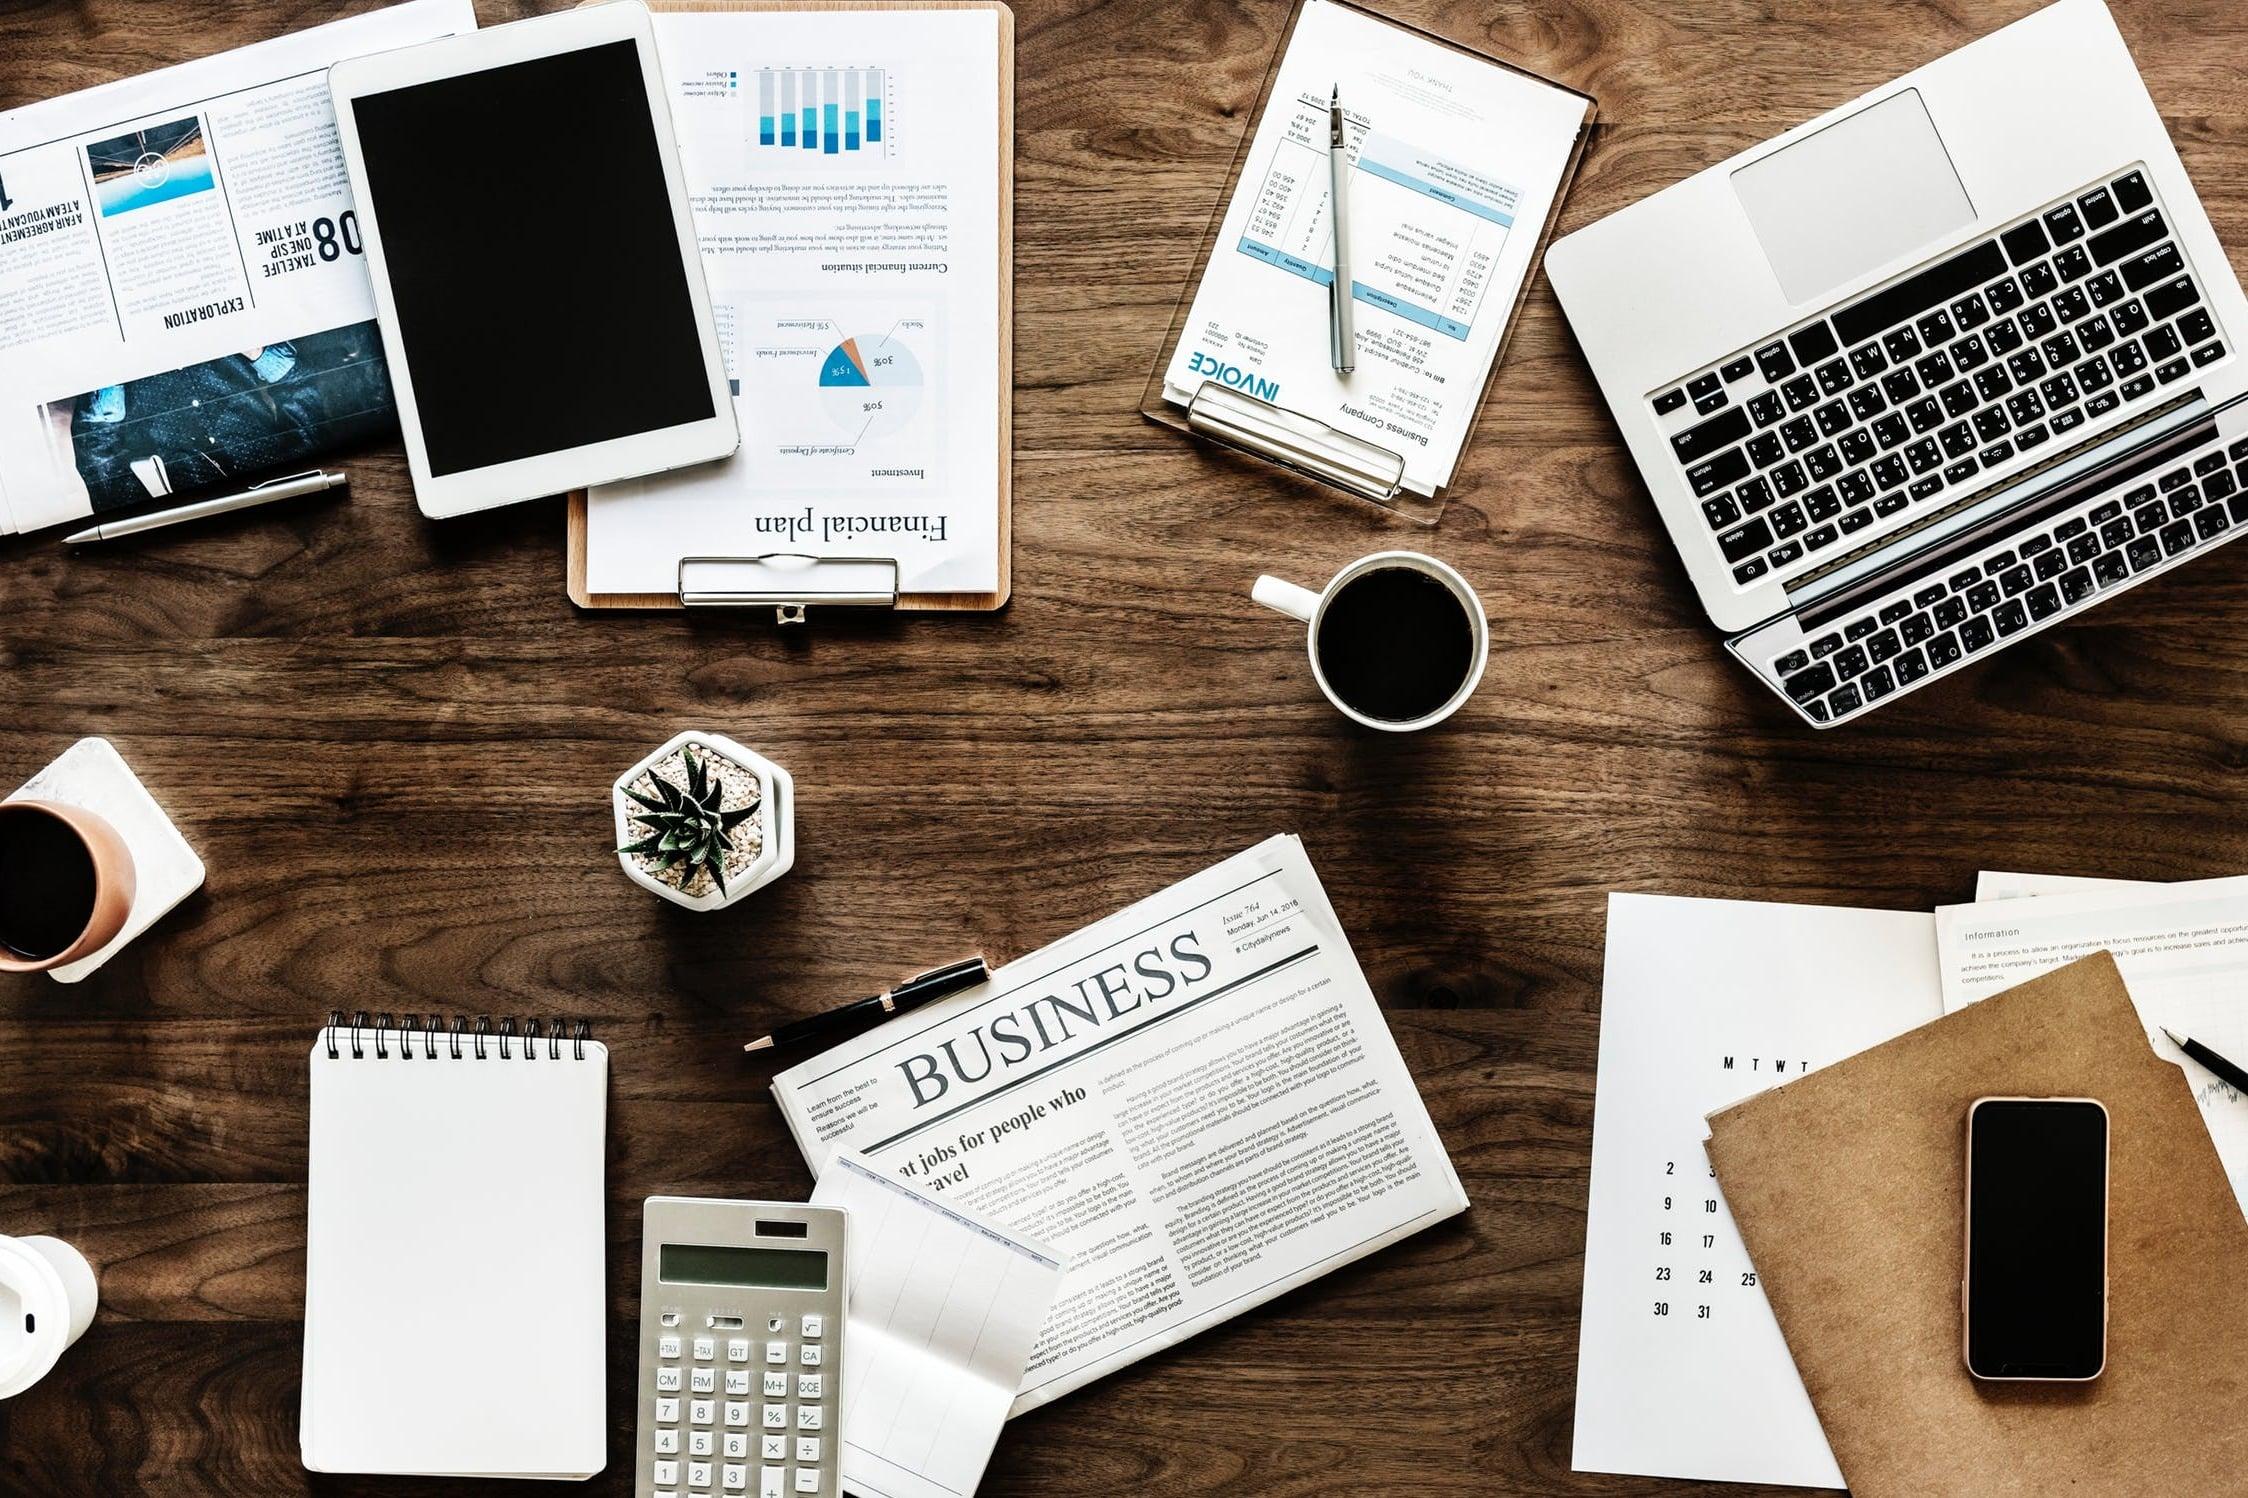 NAMIBA Računovodski servis,trgovina in storitve d.o.o. računovodja